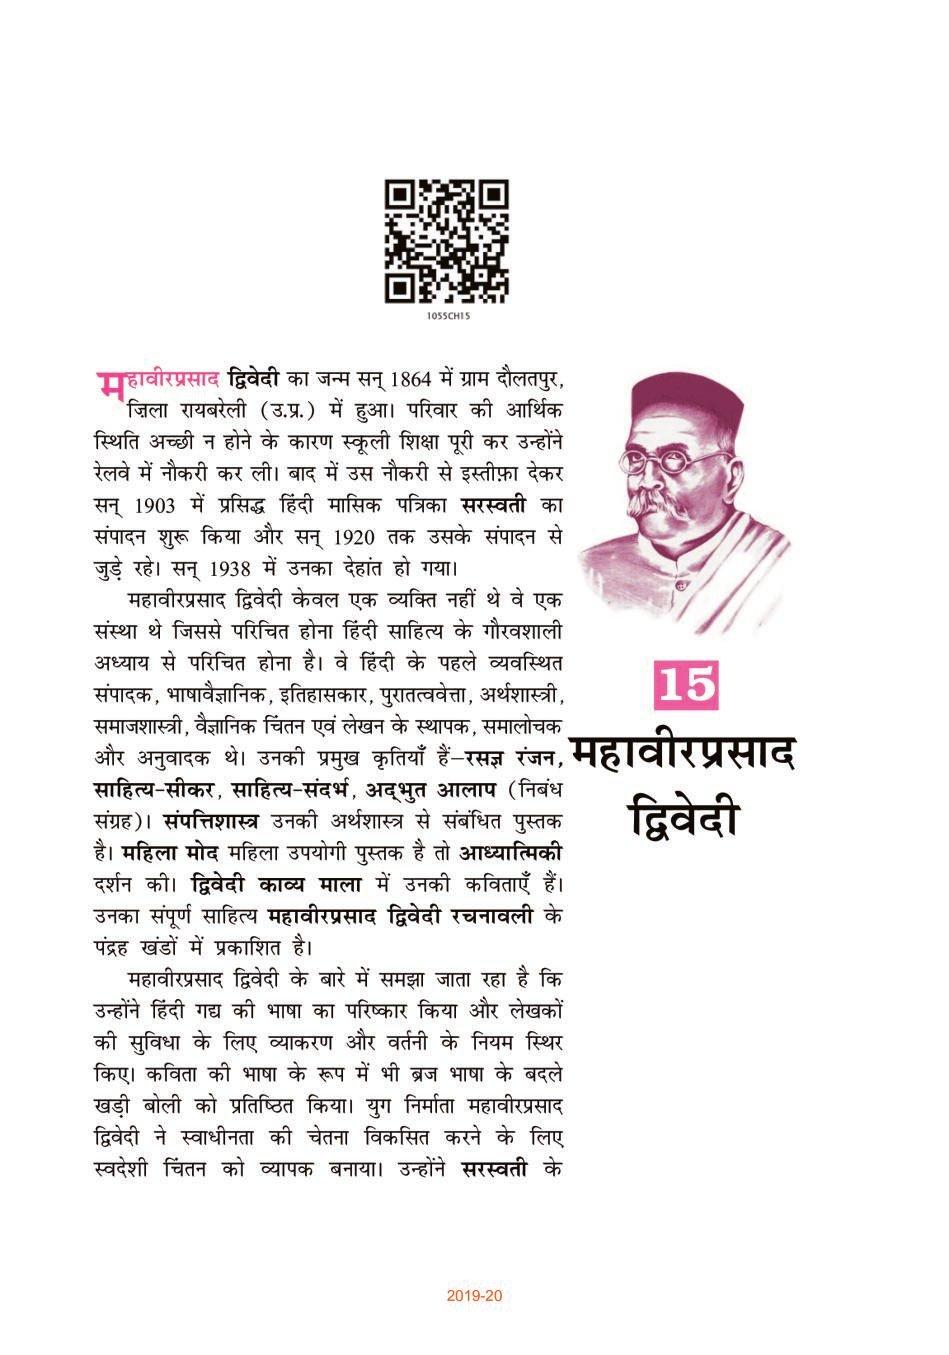 NCERT Book Class 10 Hindi (क्षितिज) Chapter 15 स्त्री – शिक्षा के विरोधी कुतर्कों का खंडन - Page 1